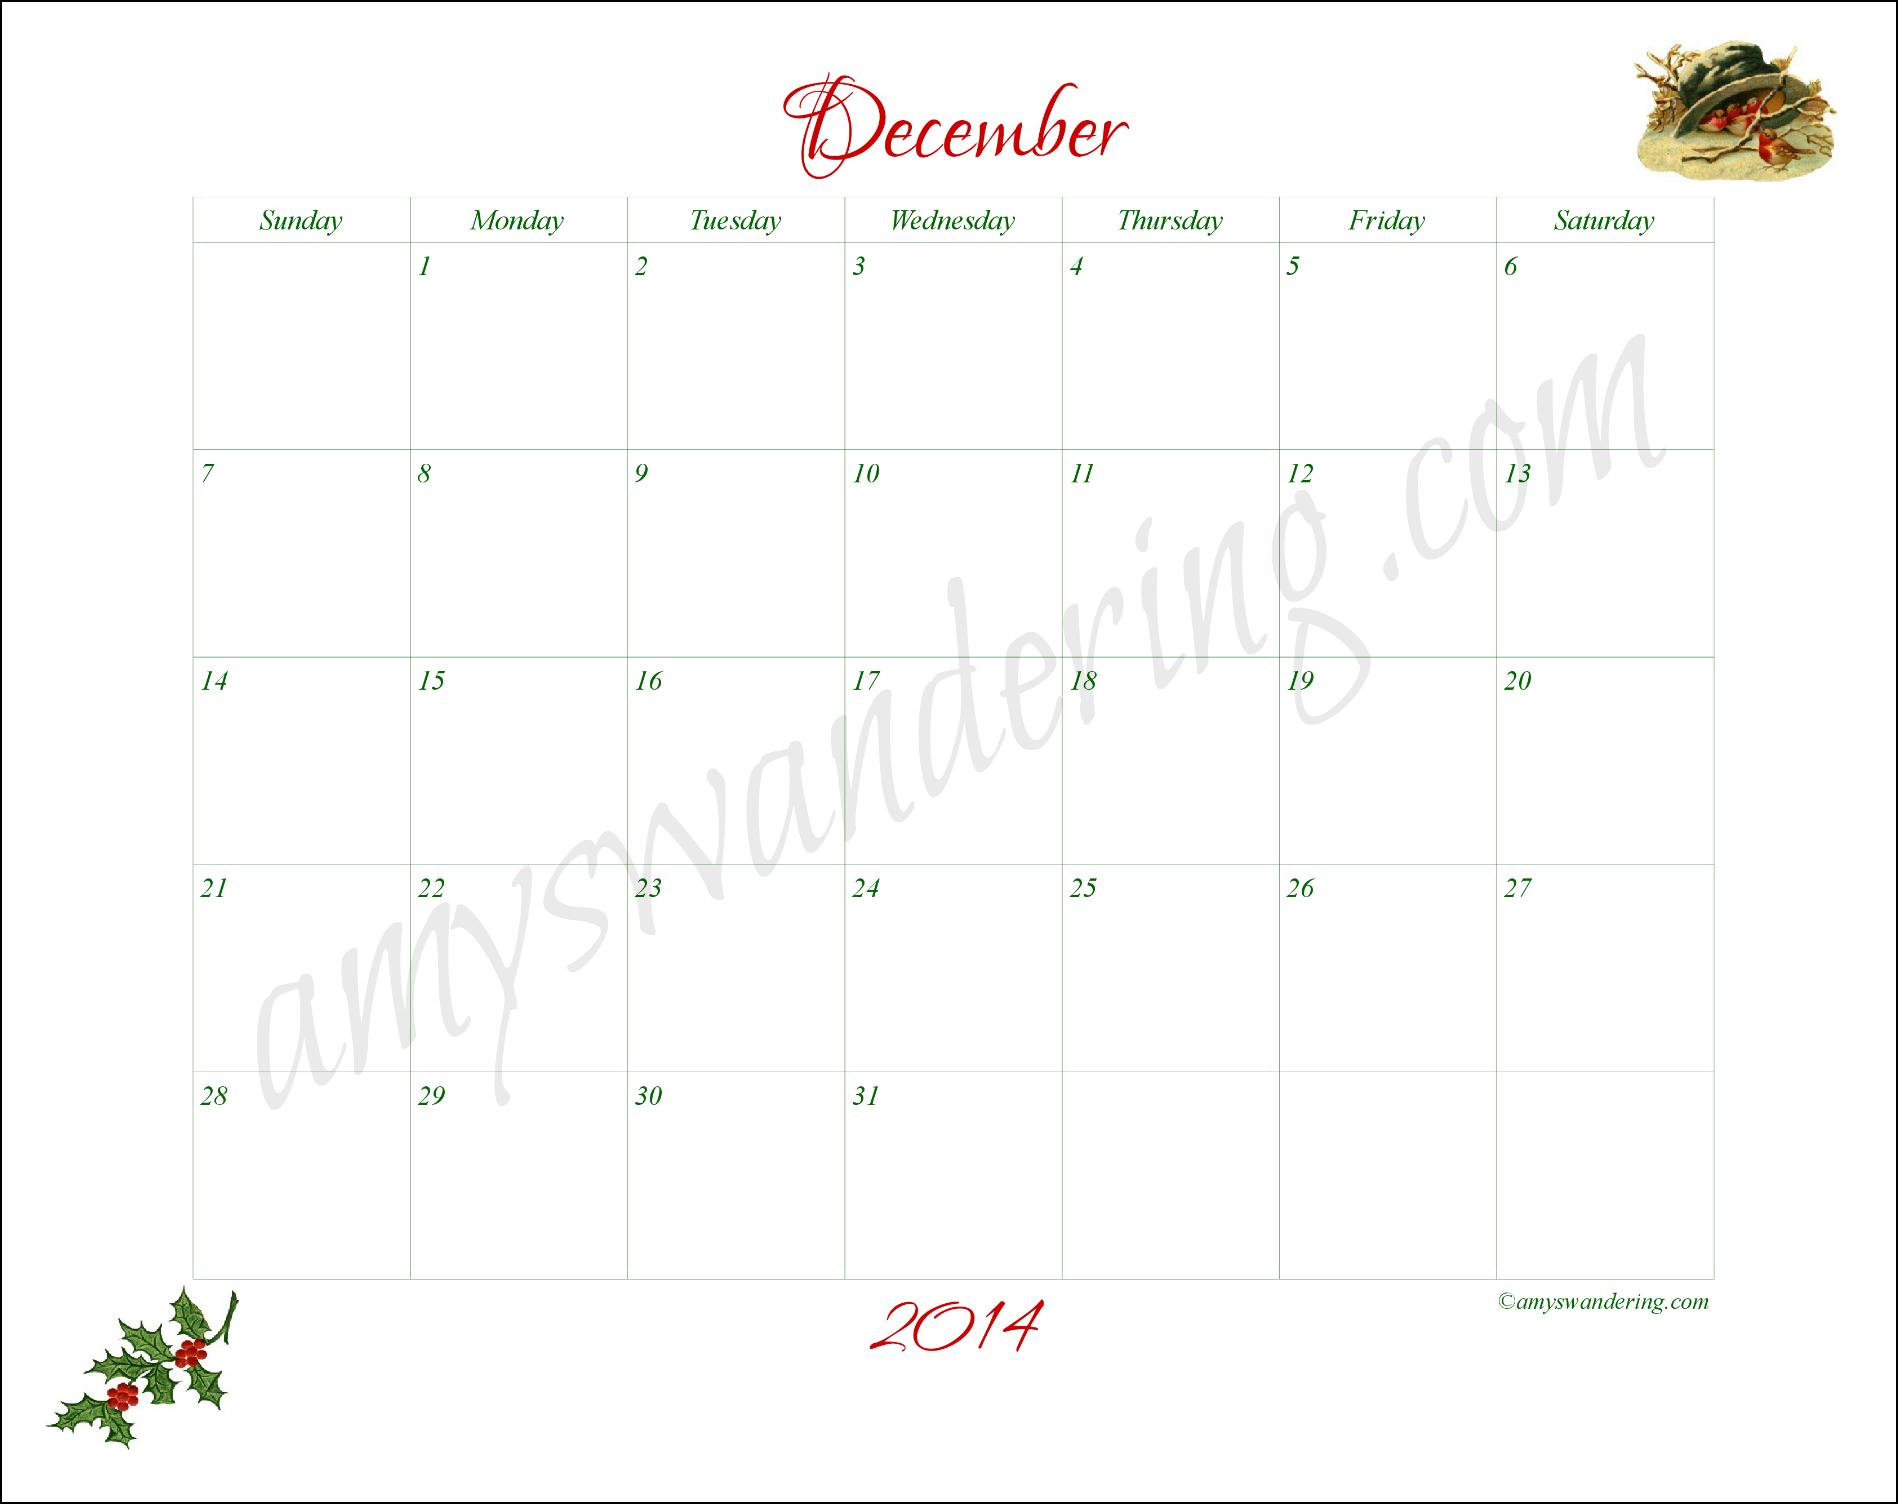 December Nature Observation Calendar